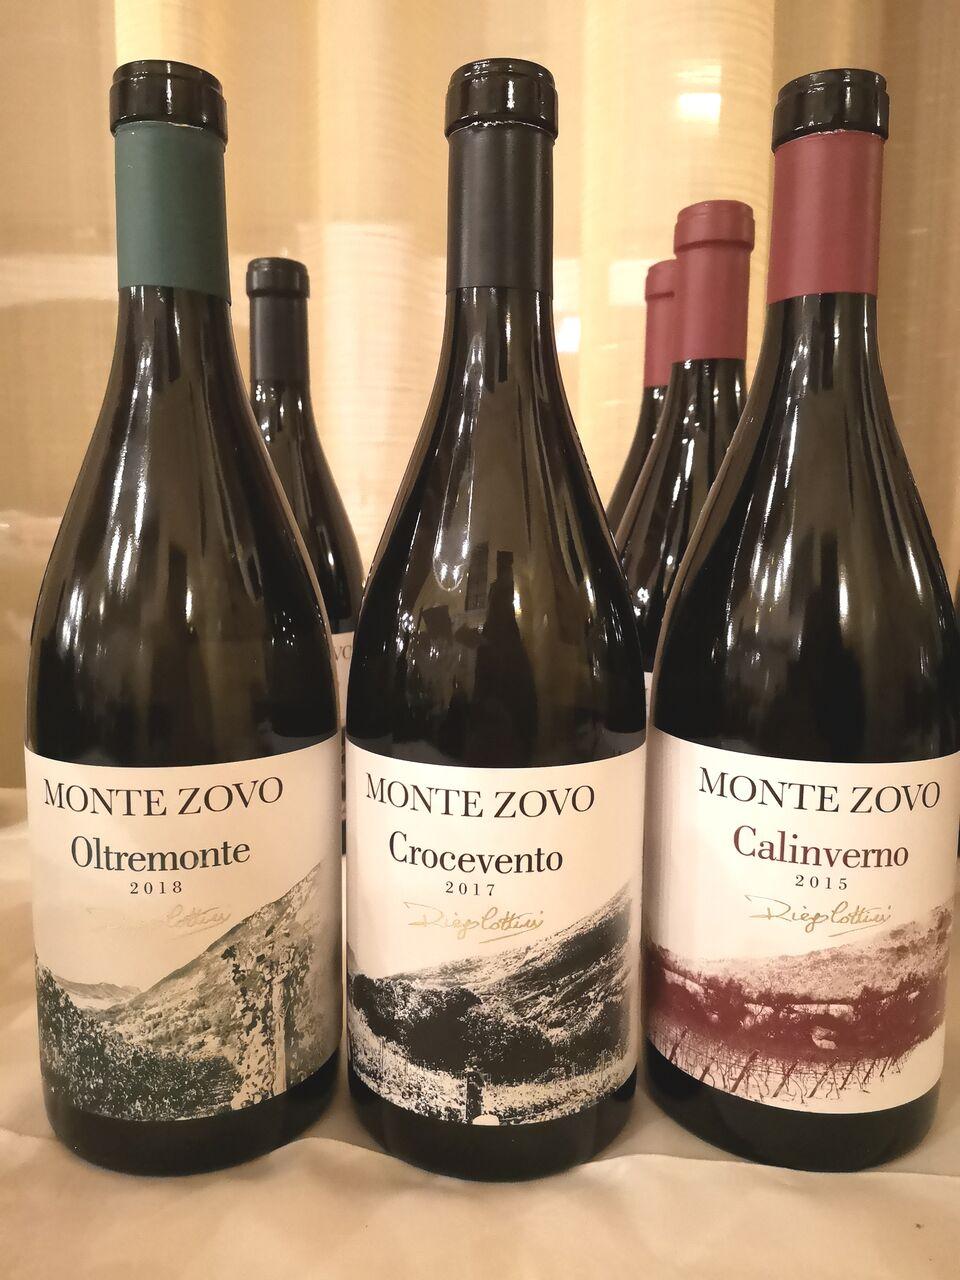 Il Pinot Nero di Monte Zovo spiegato da Riccardo Cotarella. La sorpresa del Calinverno